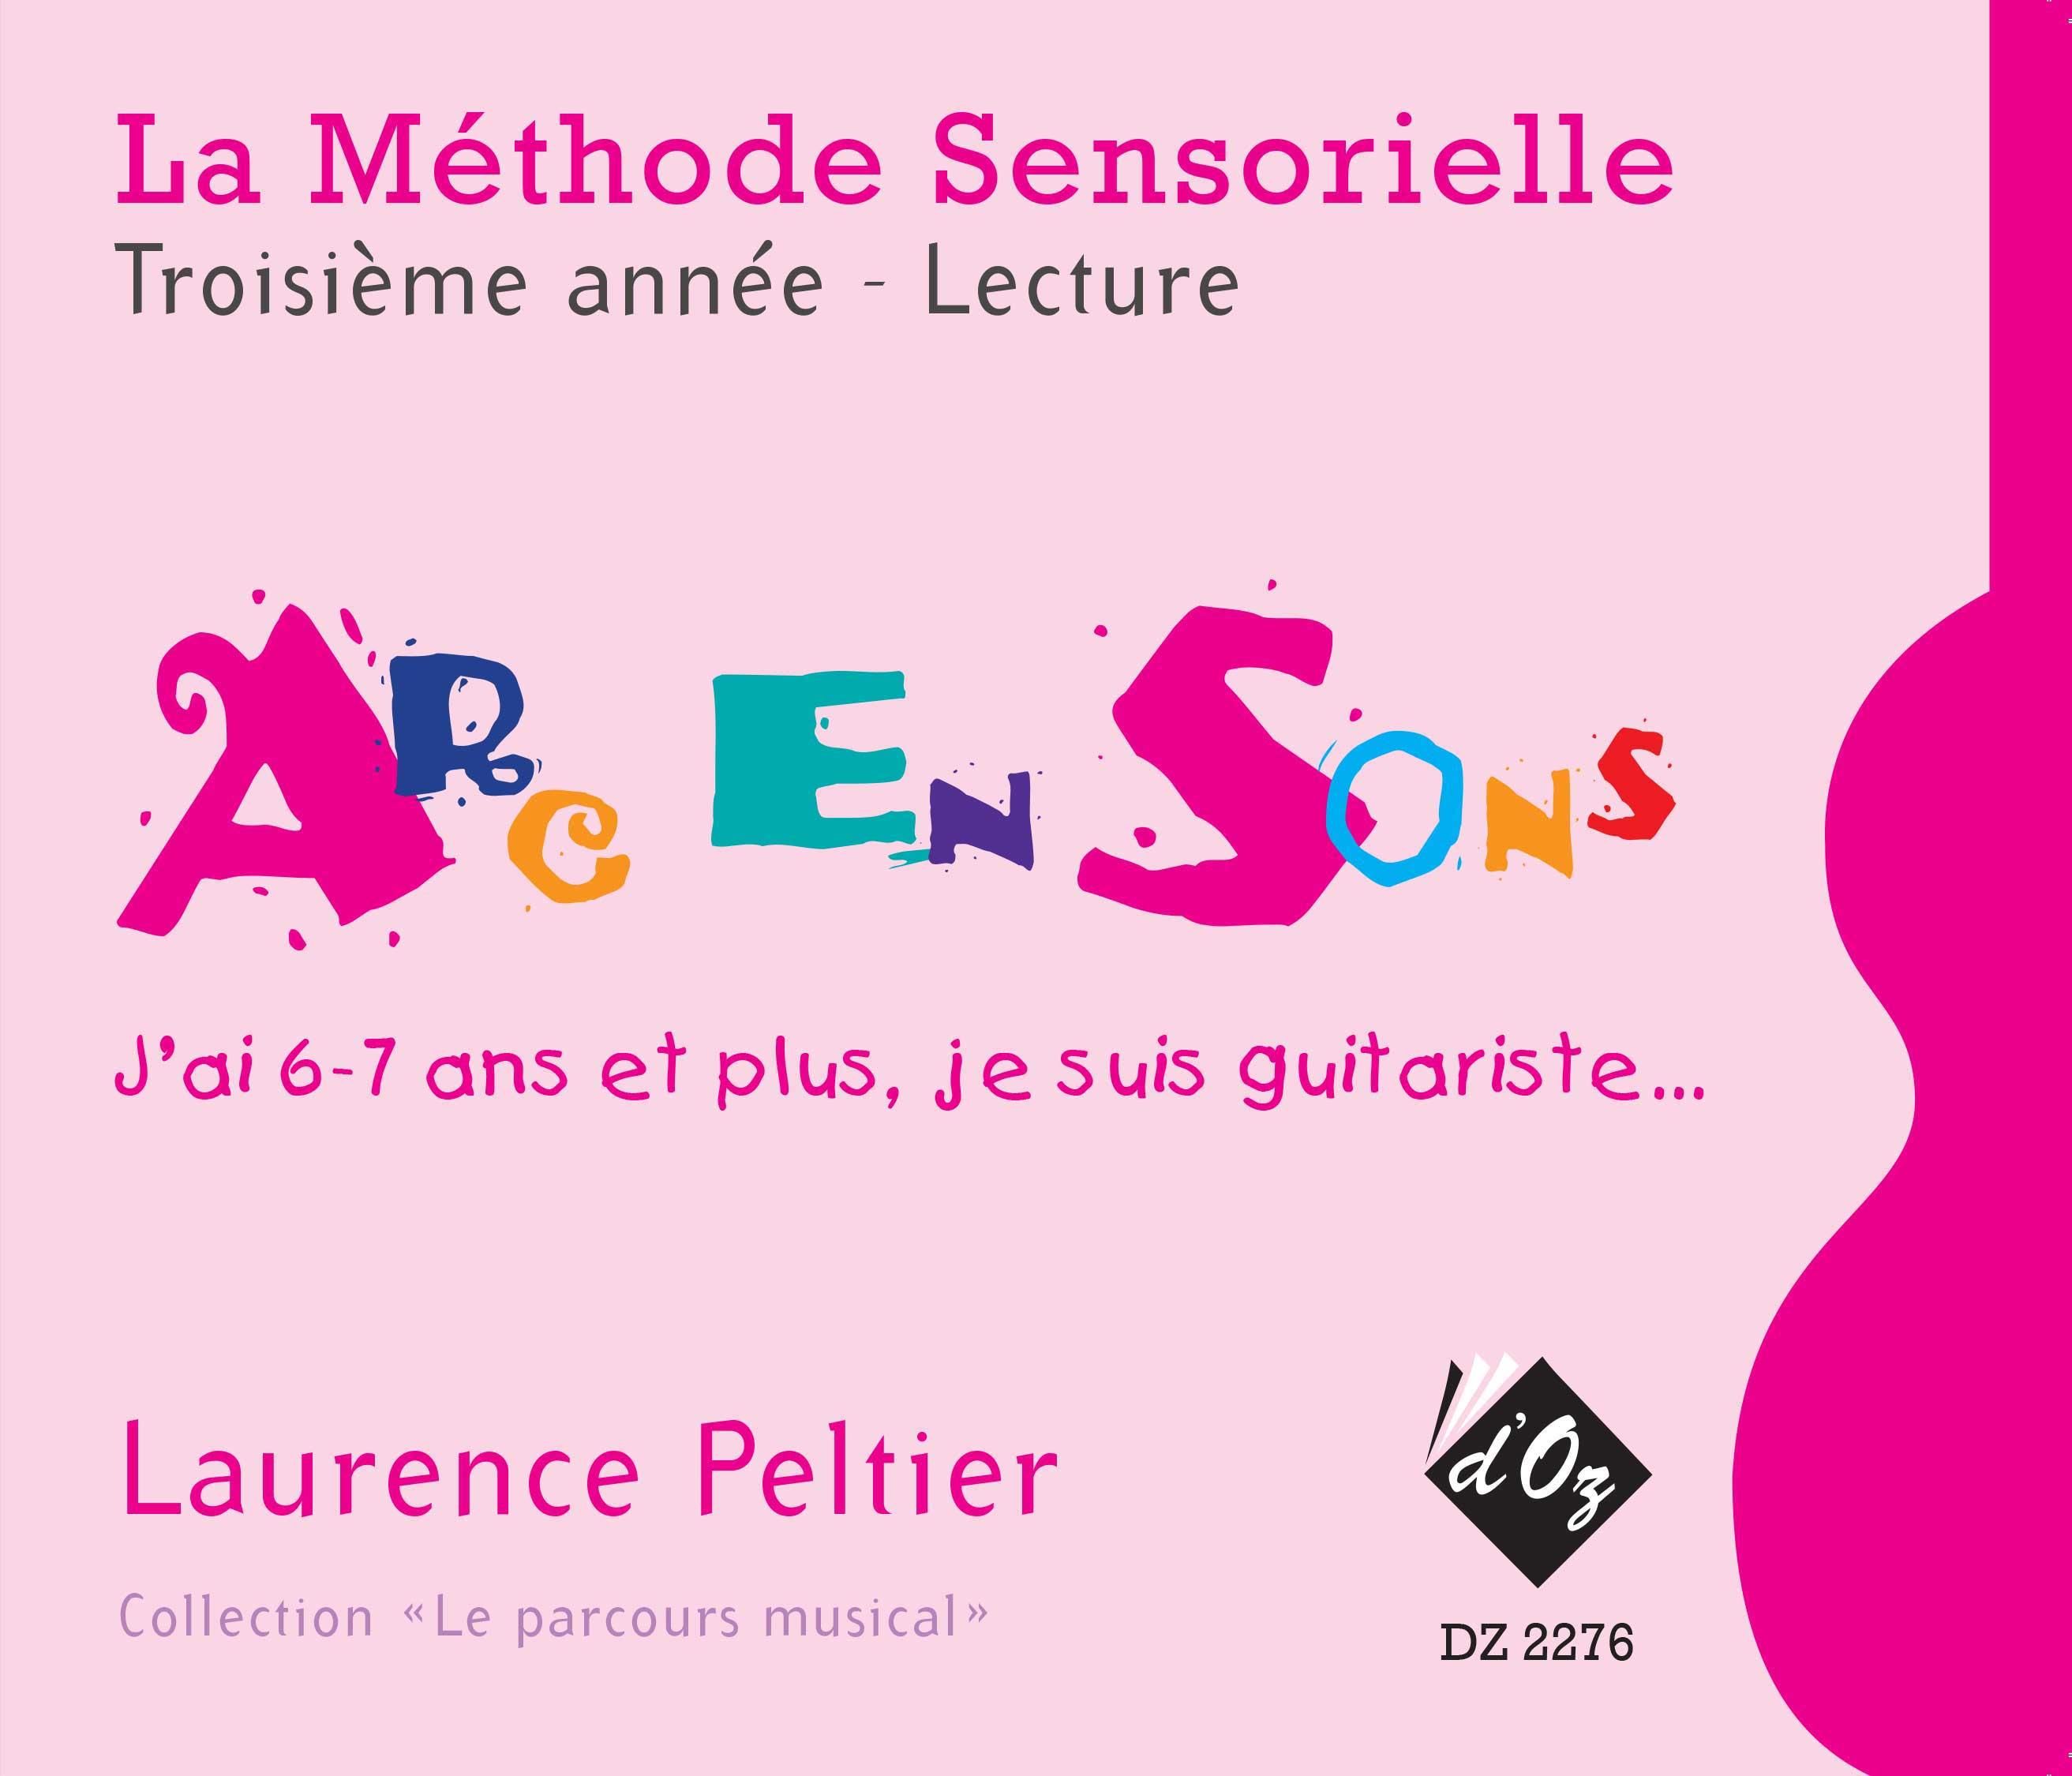 La méthode sensorielle, 3e année, Lecture